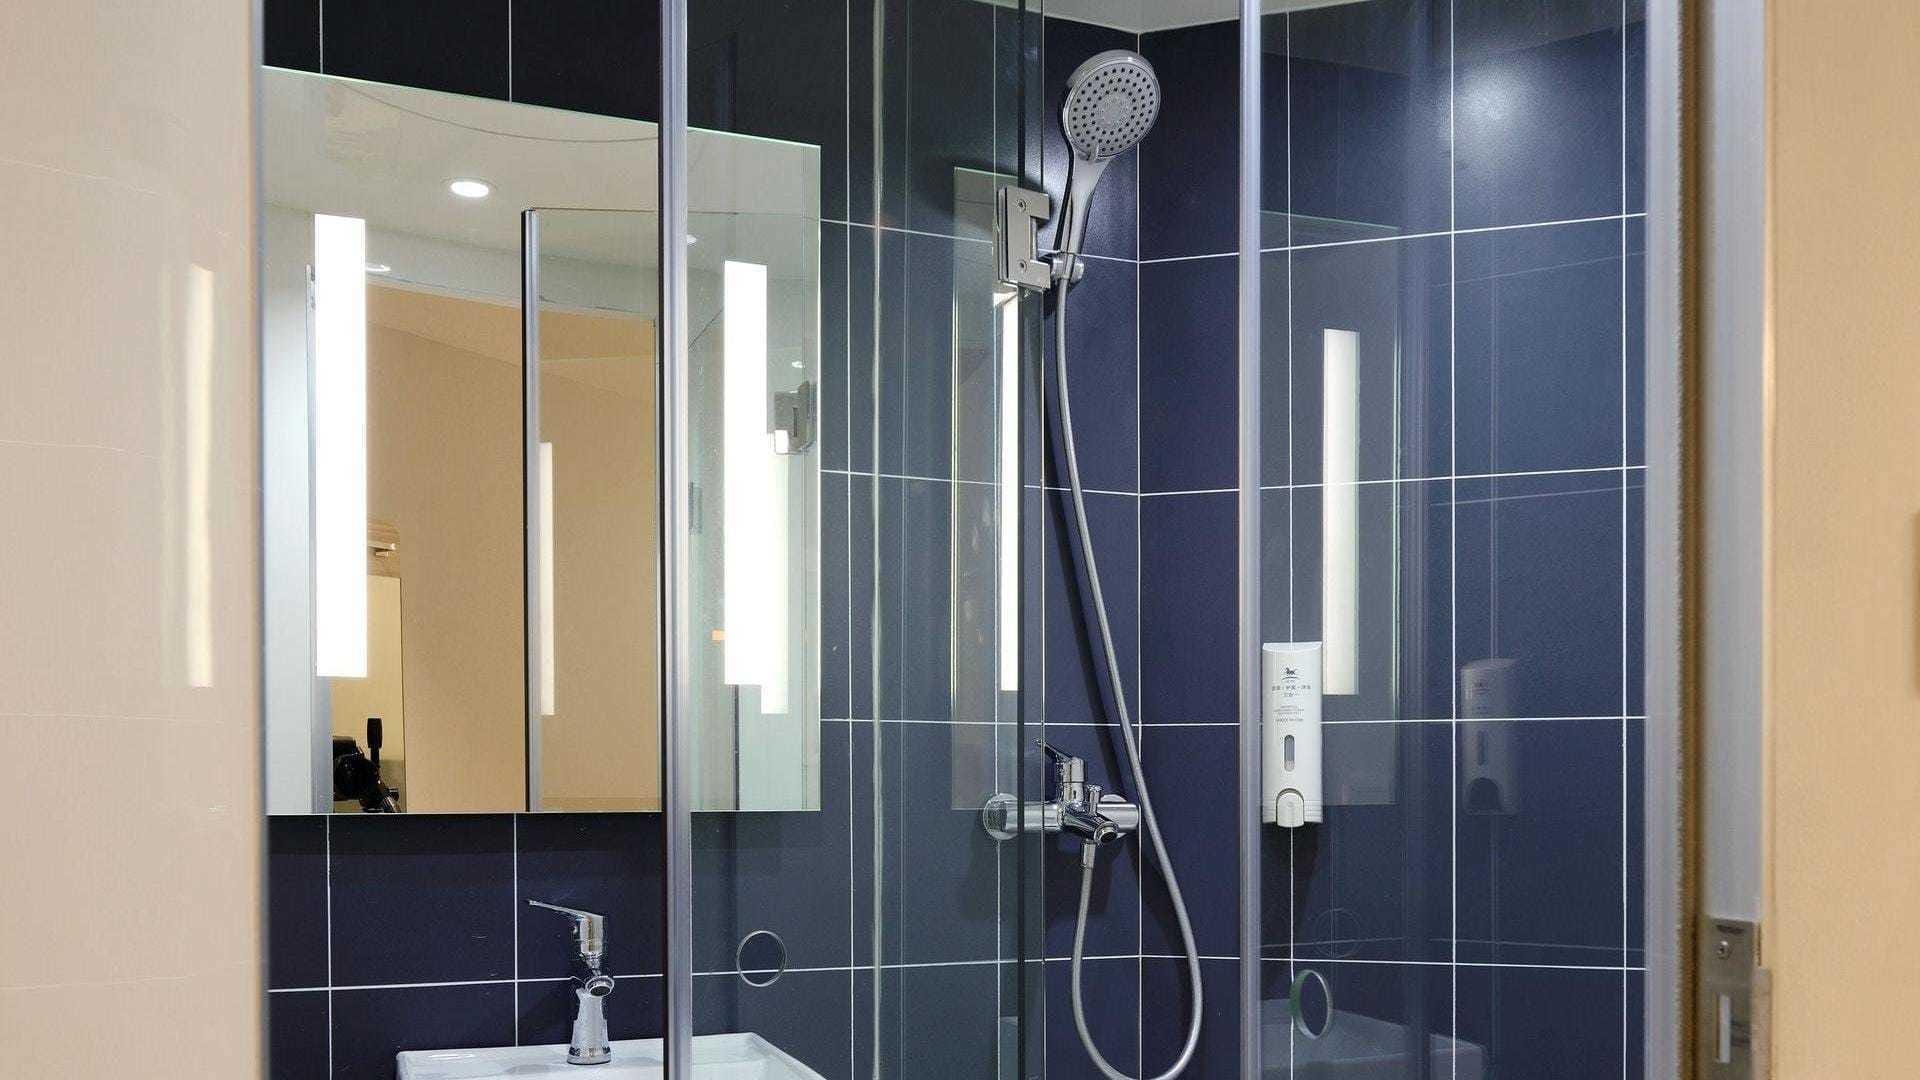 Posa piatto doccia a rimini i migliori 20 installatori - Posa piatto doccia prima o dopo piastrelle ...